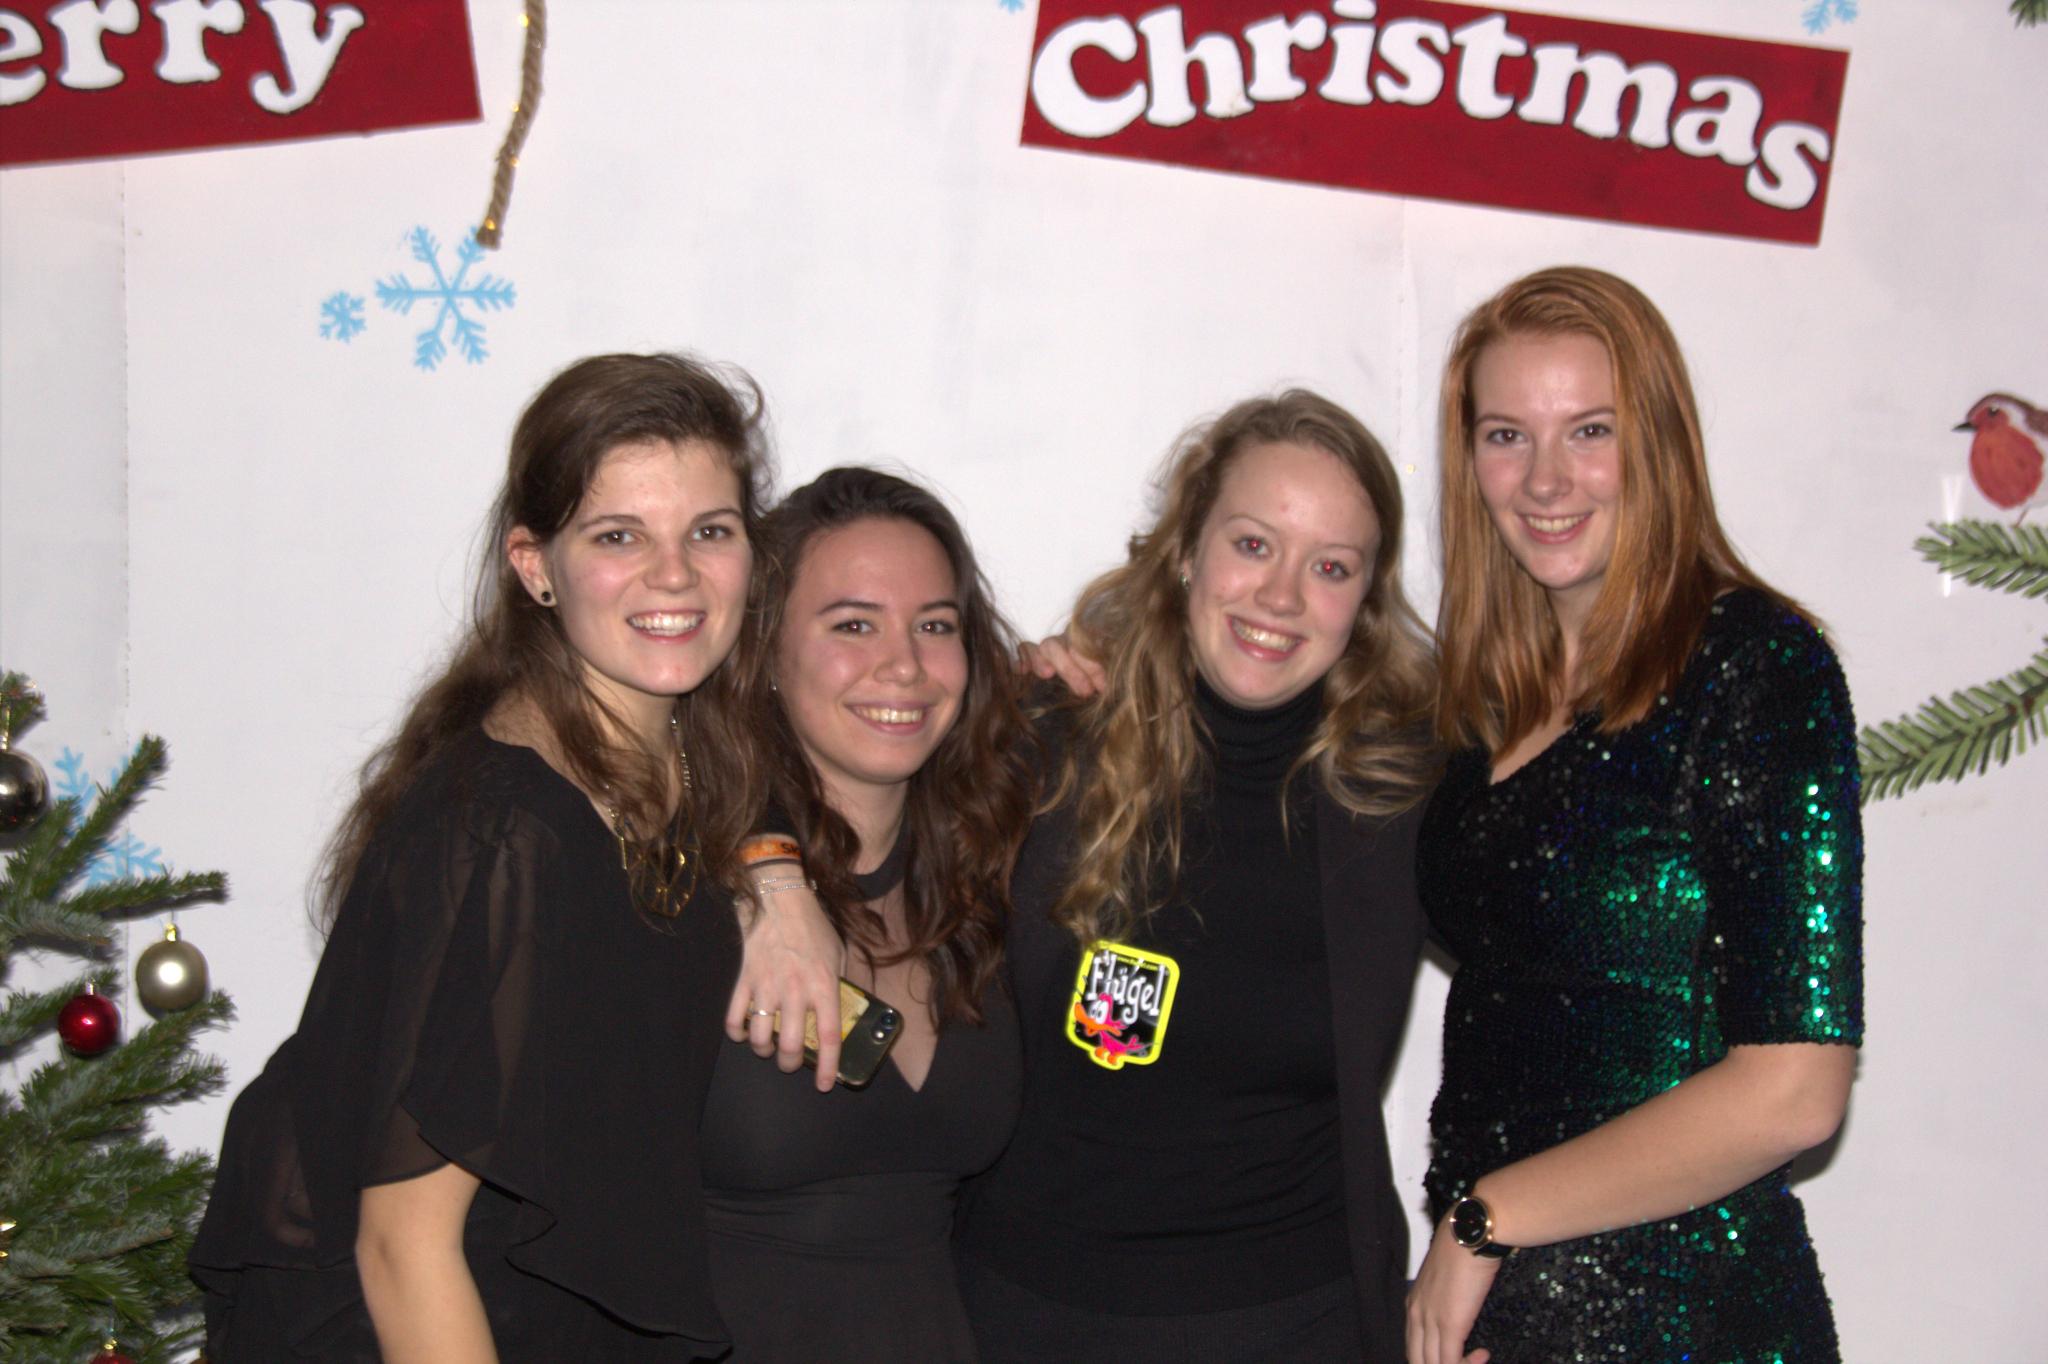 Kerstfeest_220